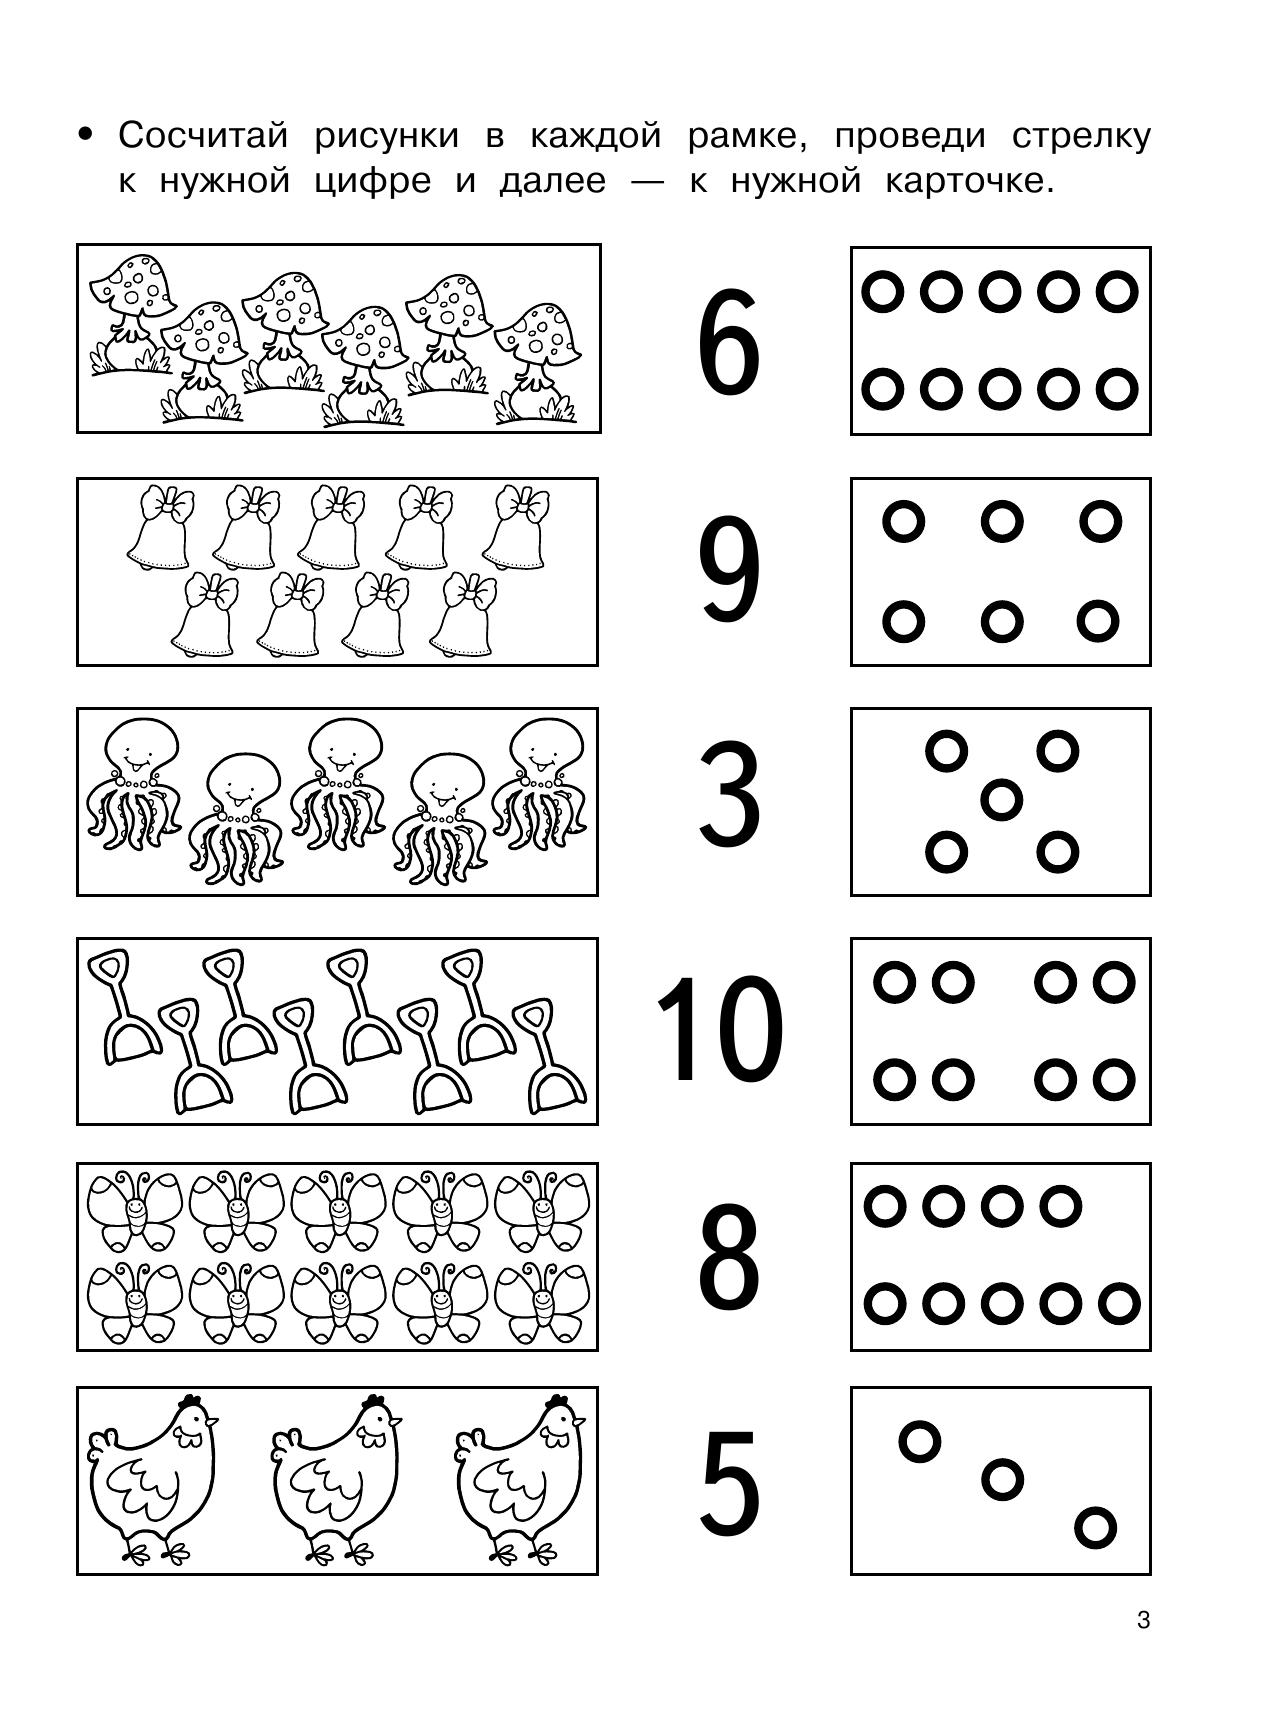 все картинки сосчитай предметы и найди нужную цифру горошек бантиками подойдут